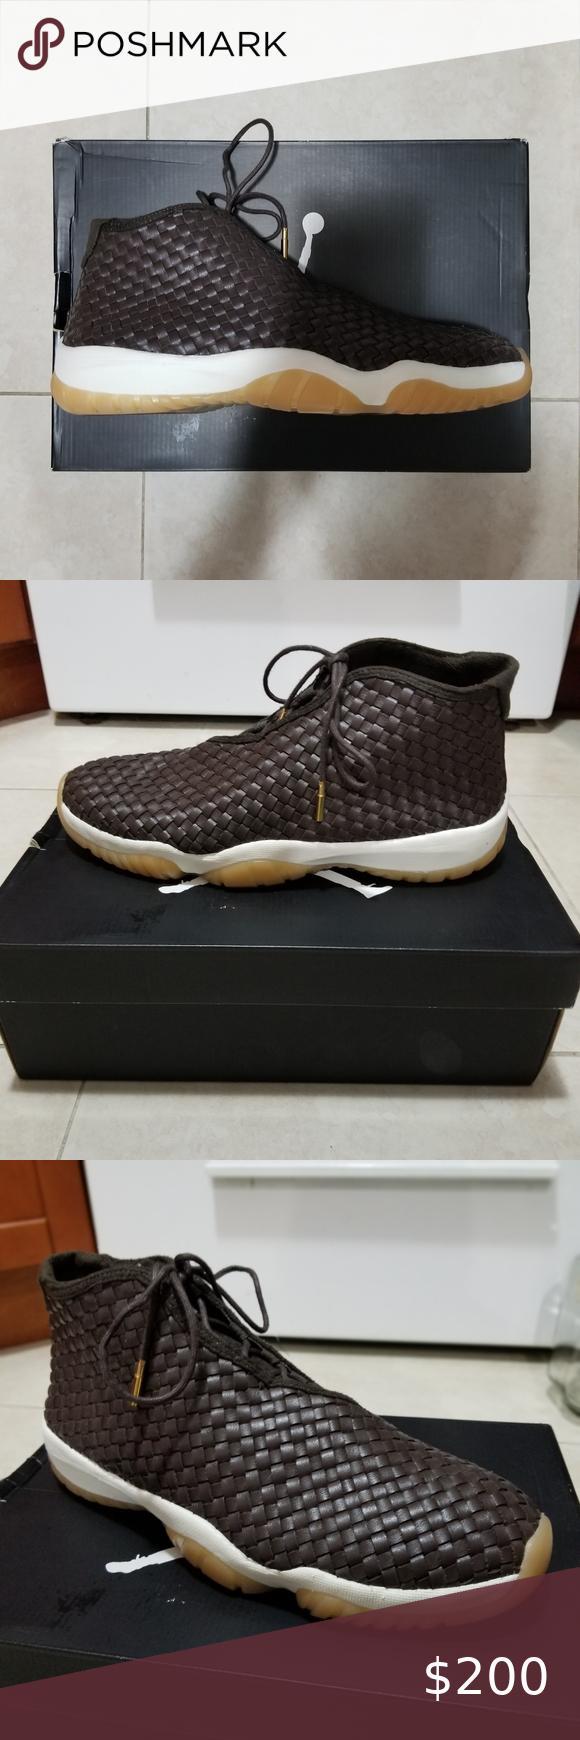 Air Jordan Size 11 Brown Future Premium